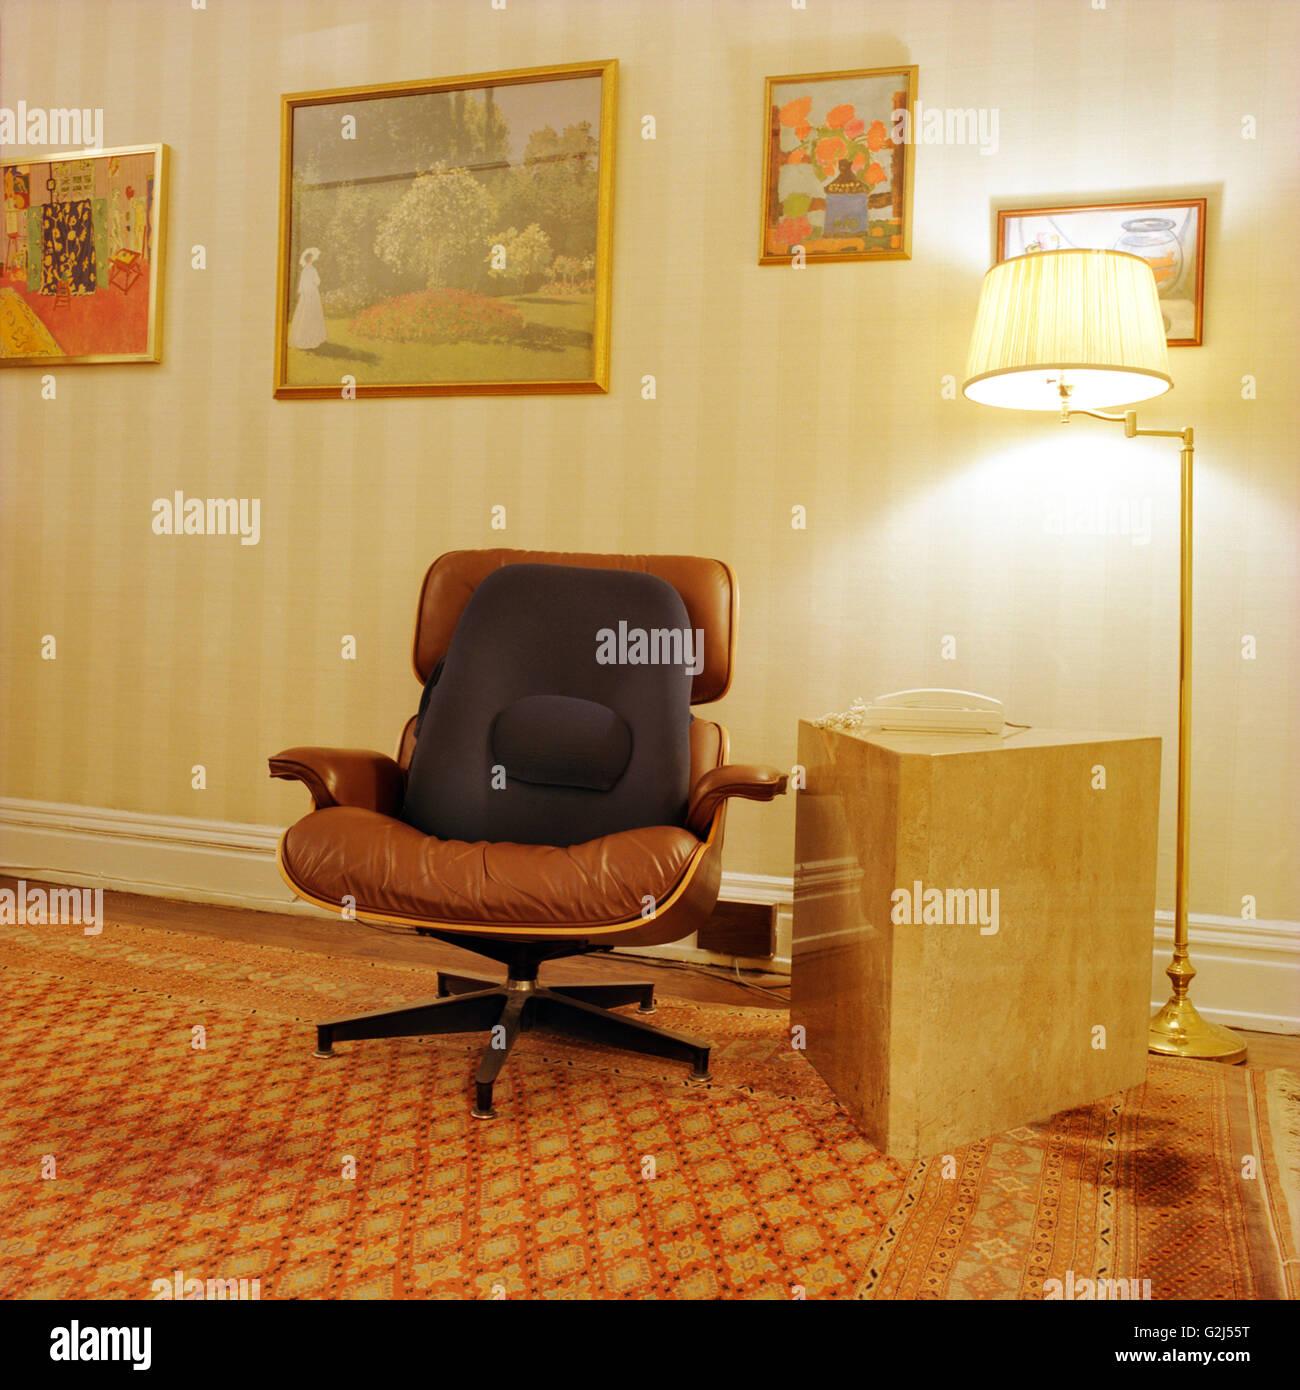 Hervorragend Lounge Chair Von Lampe Im Zimmer Stockbild